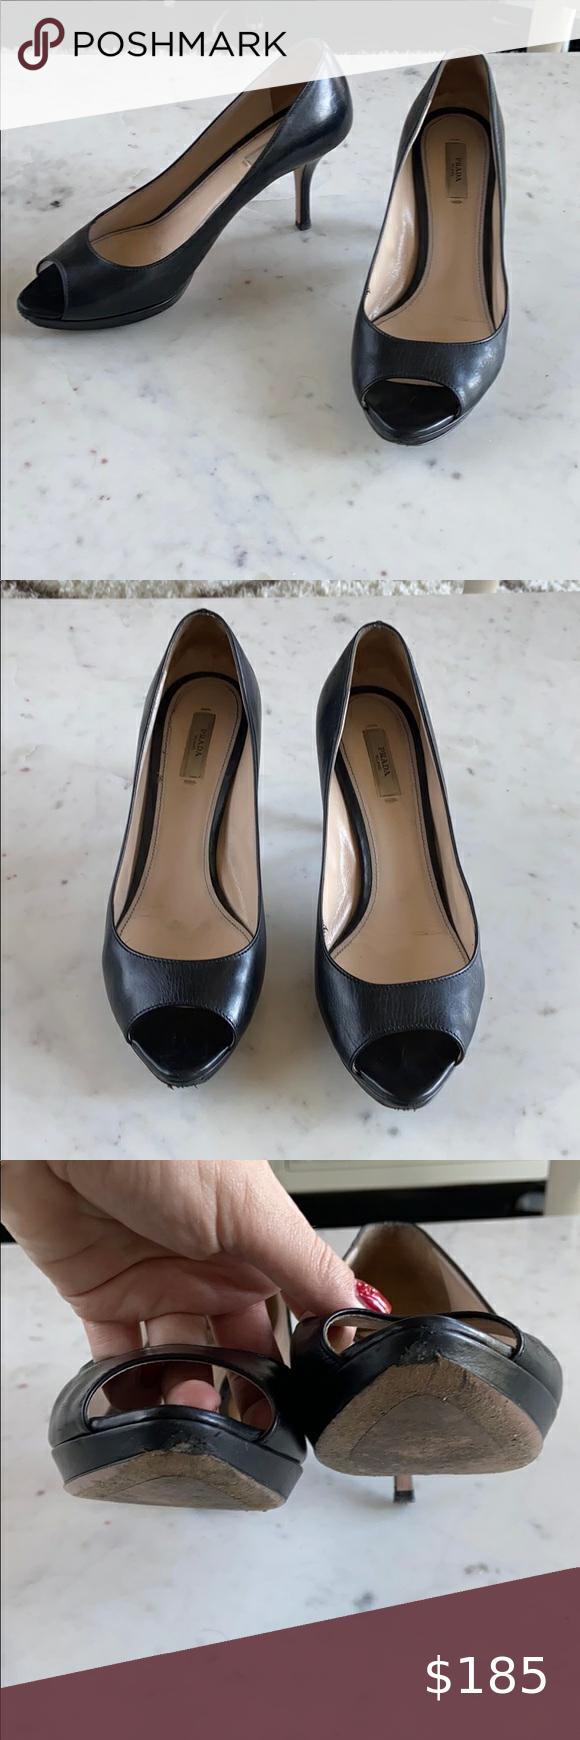 Prada Peep Toe Kitten Heels In 2020 Shoes Women Heels Comfortable Heels Kitten Heels